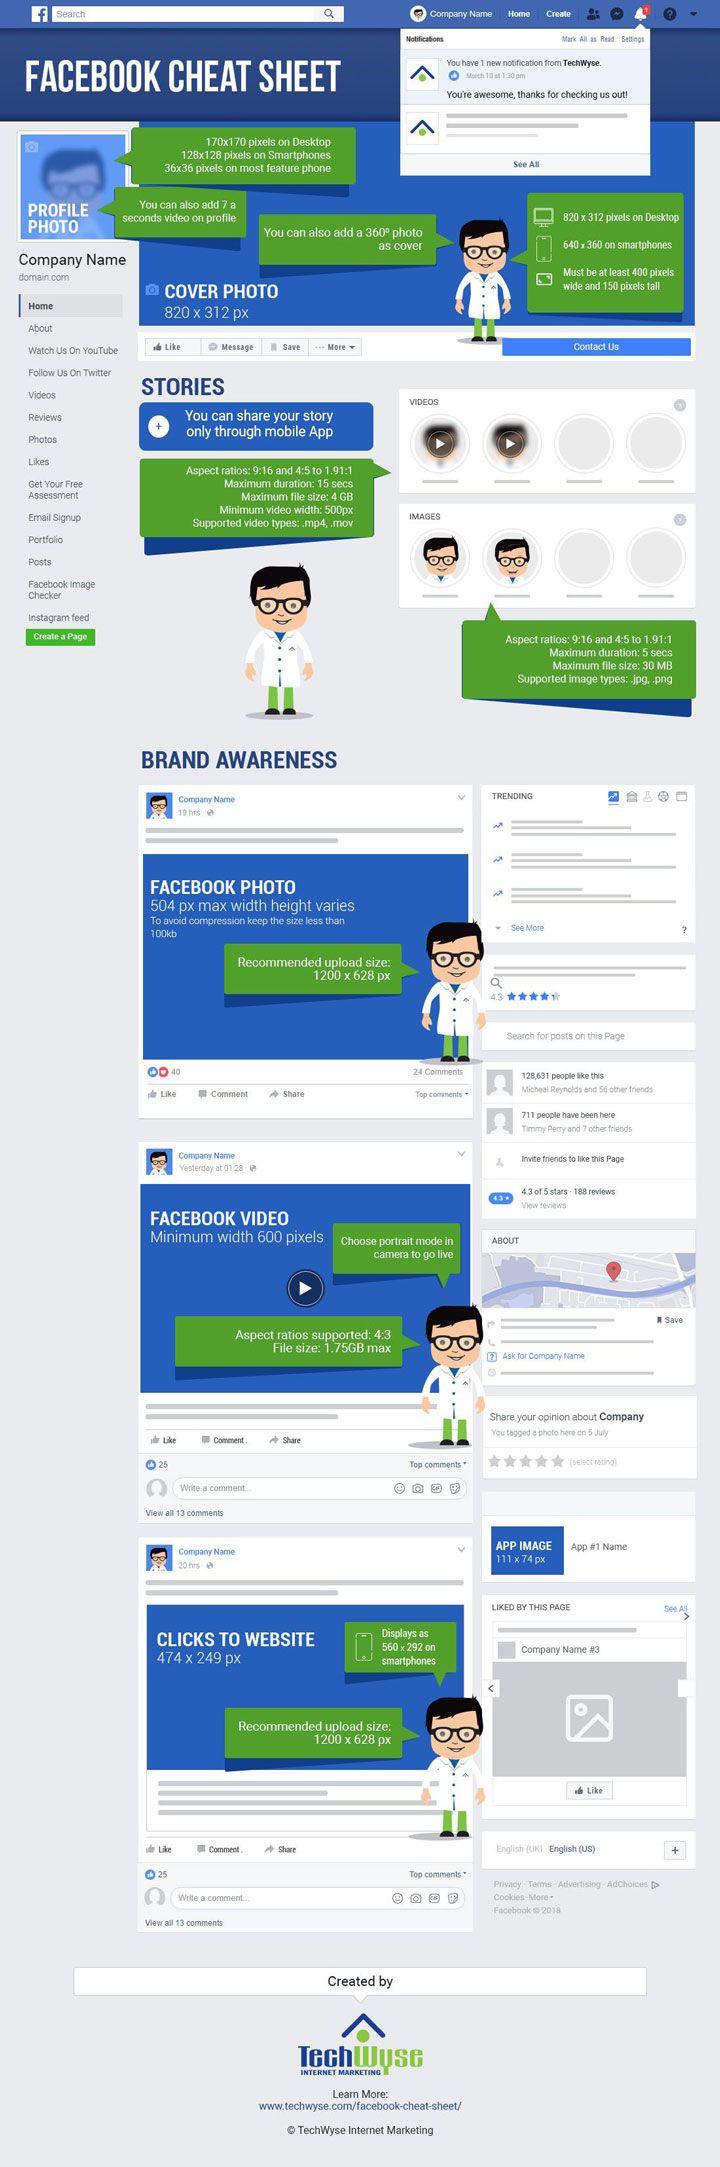 facebook ad sizes 2020